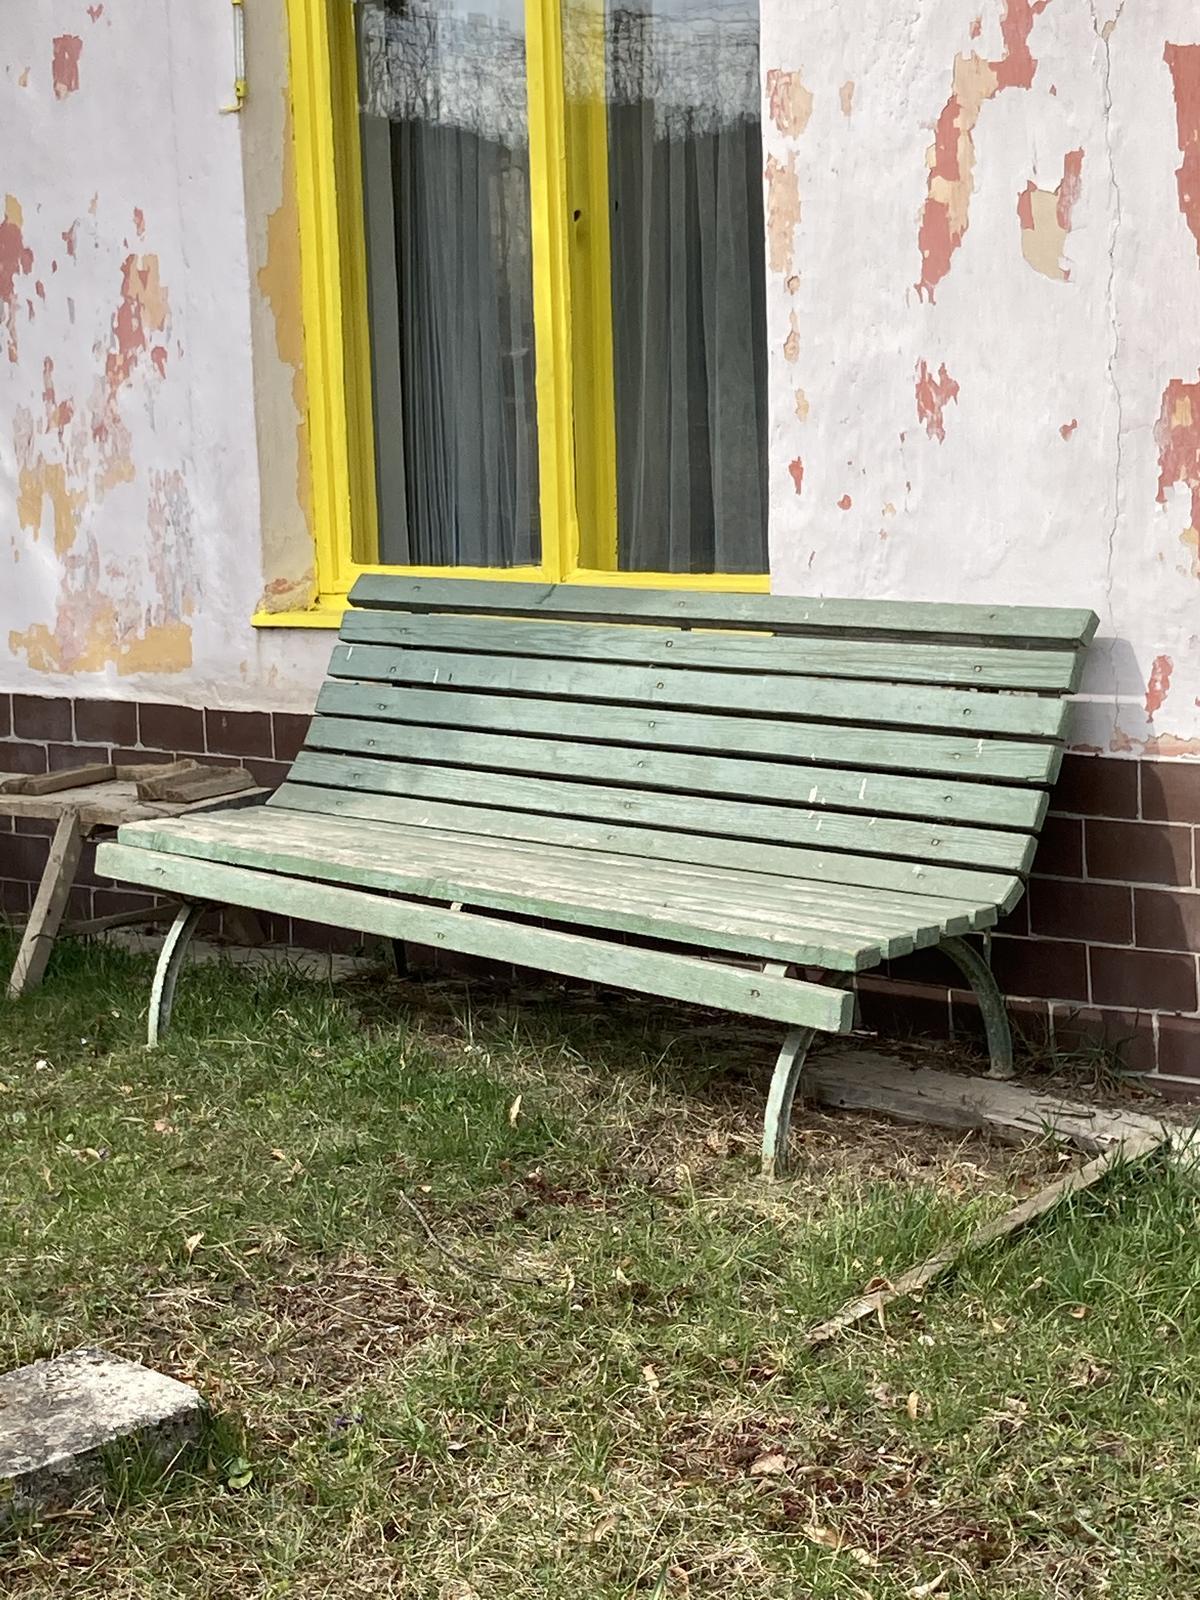 Dom - mám novú lavicu - už len natrieť -- robil ju ešte otec môjho otca, ale toho si ja veru nepamätám...  No som rada že nakoniec skončila u mňa na Dome :)